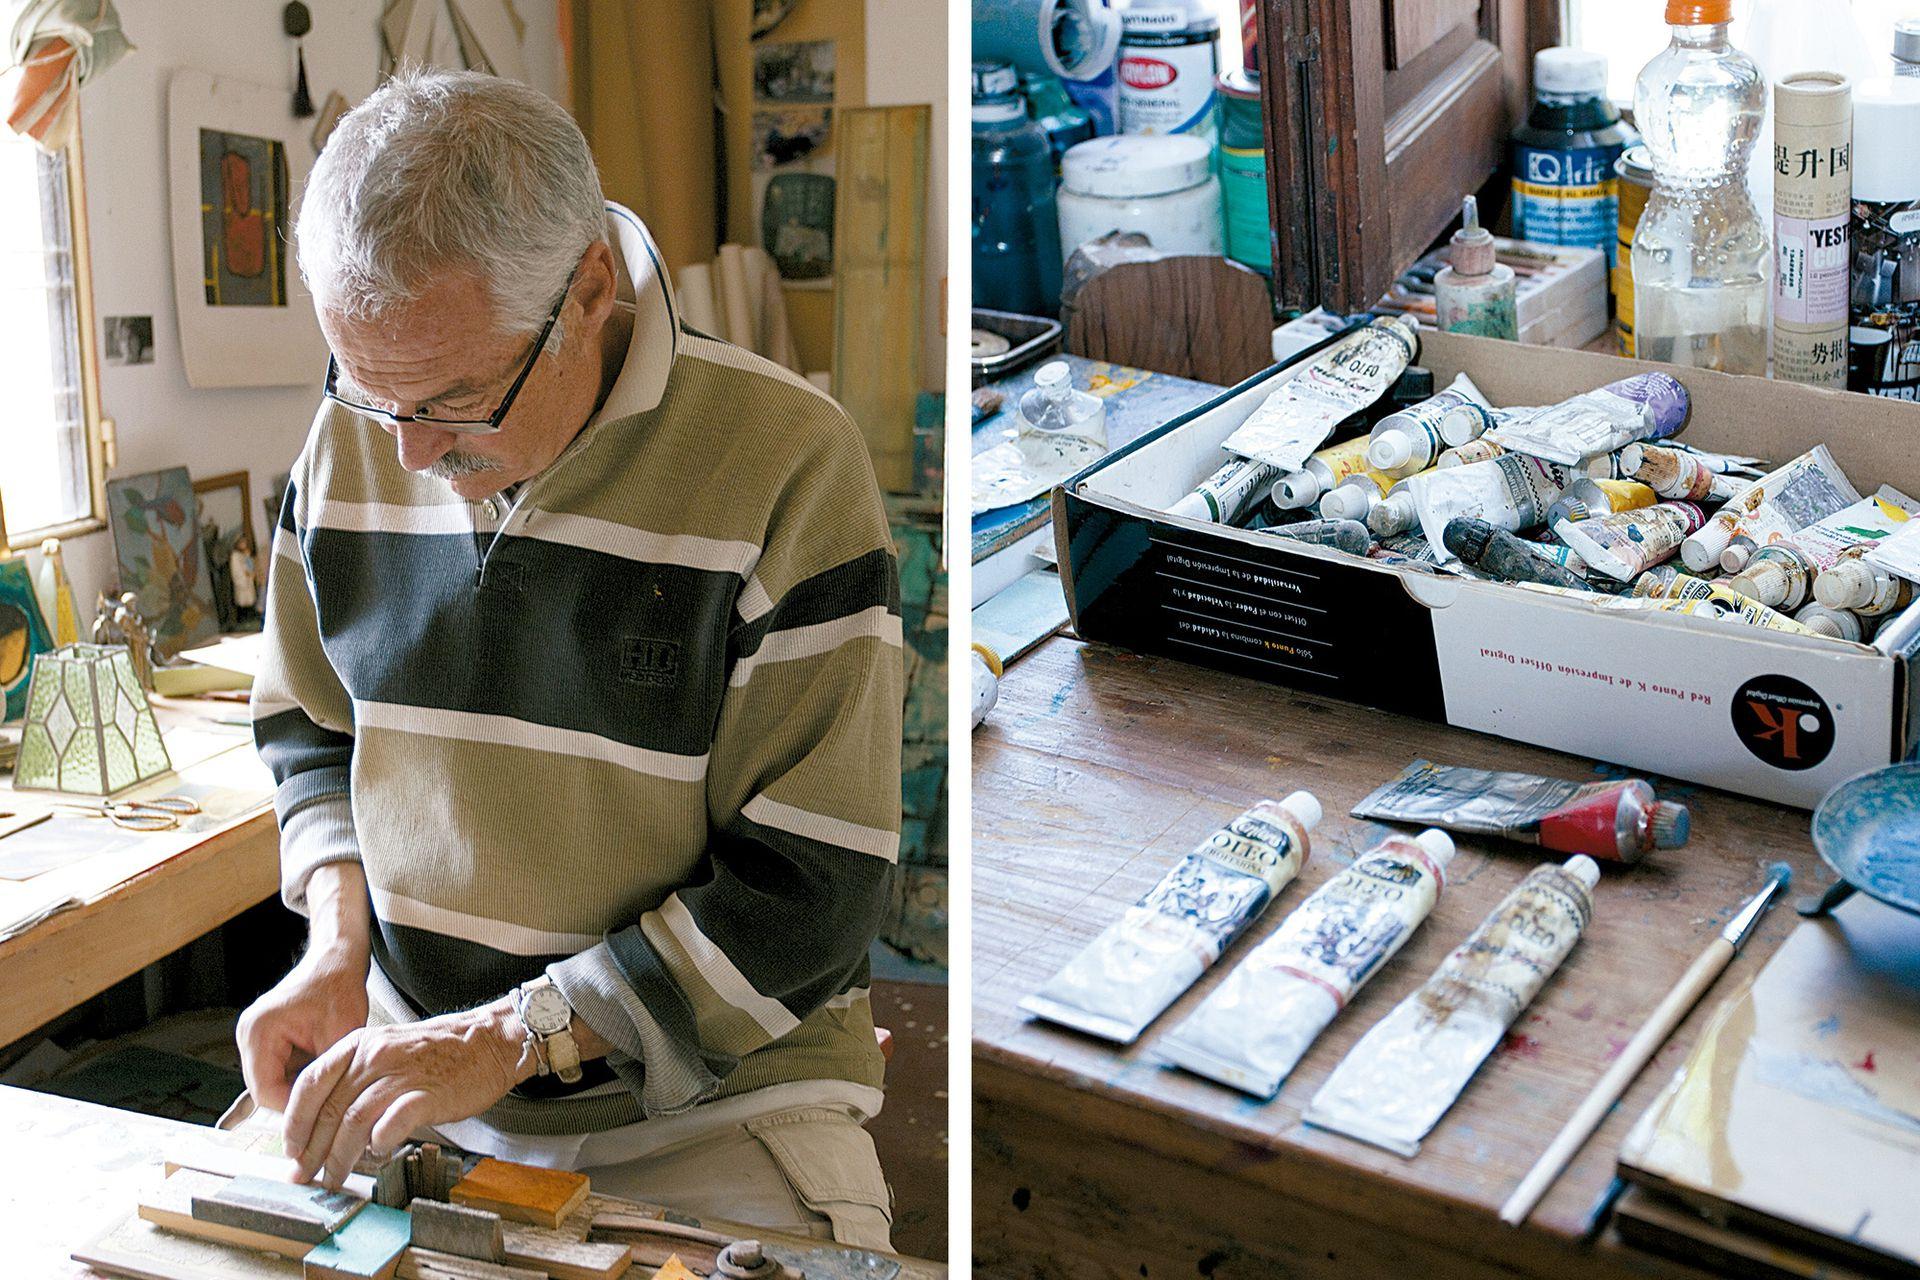 El artista, dando vida a una obra con pequeñas piezas de madera.